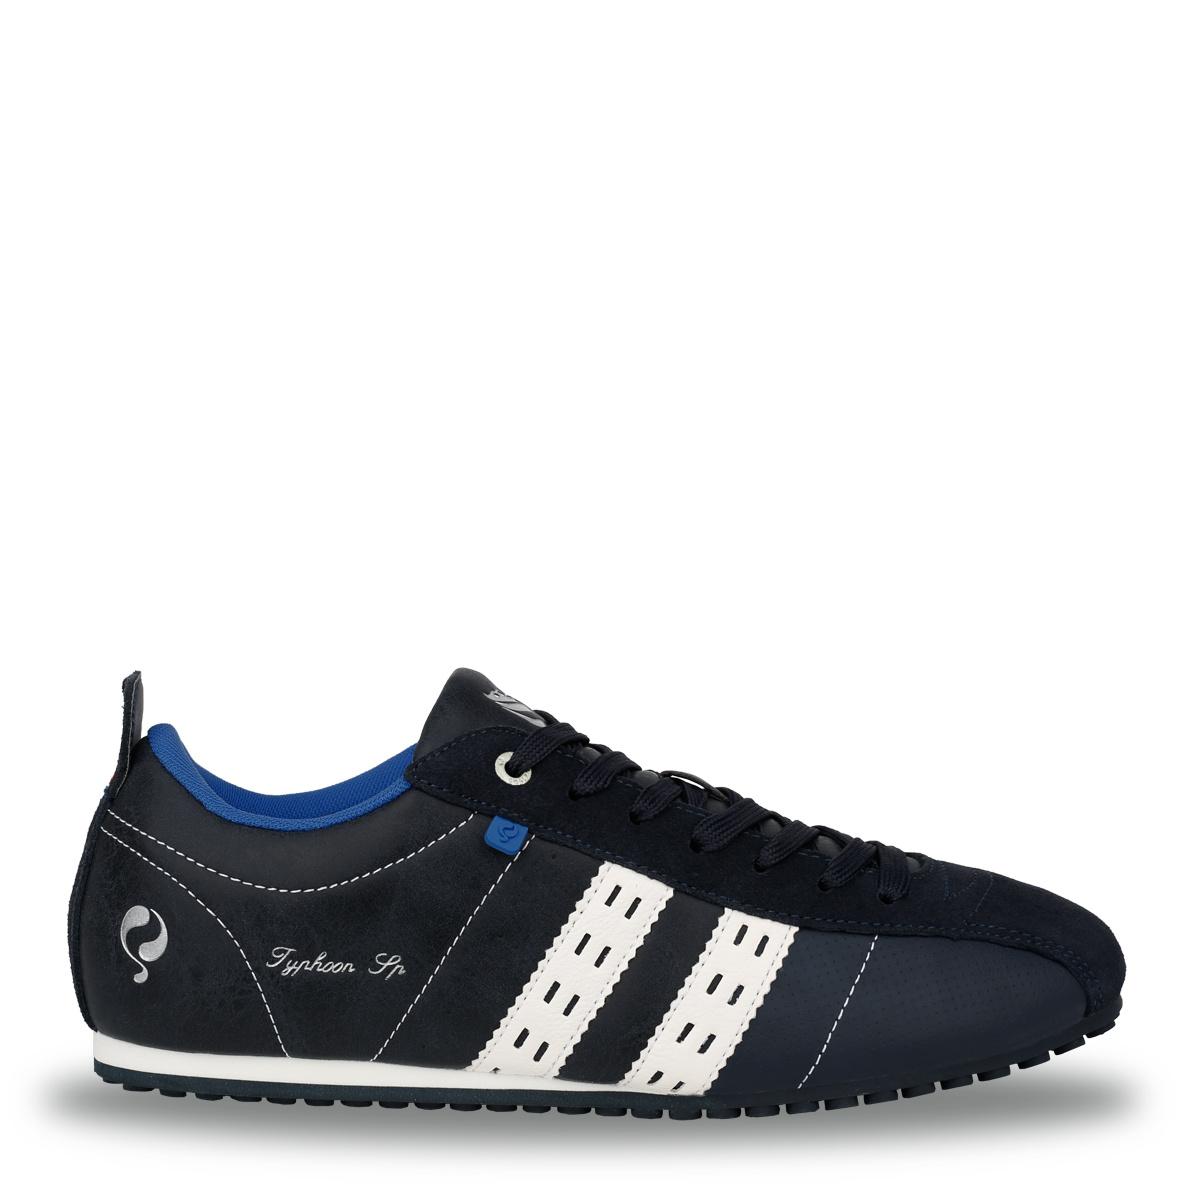 Heren Sneaker Typhoon SP - Donkerblauw/Wit